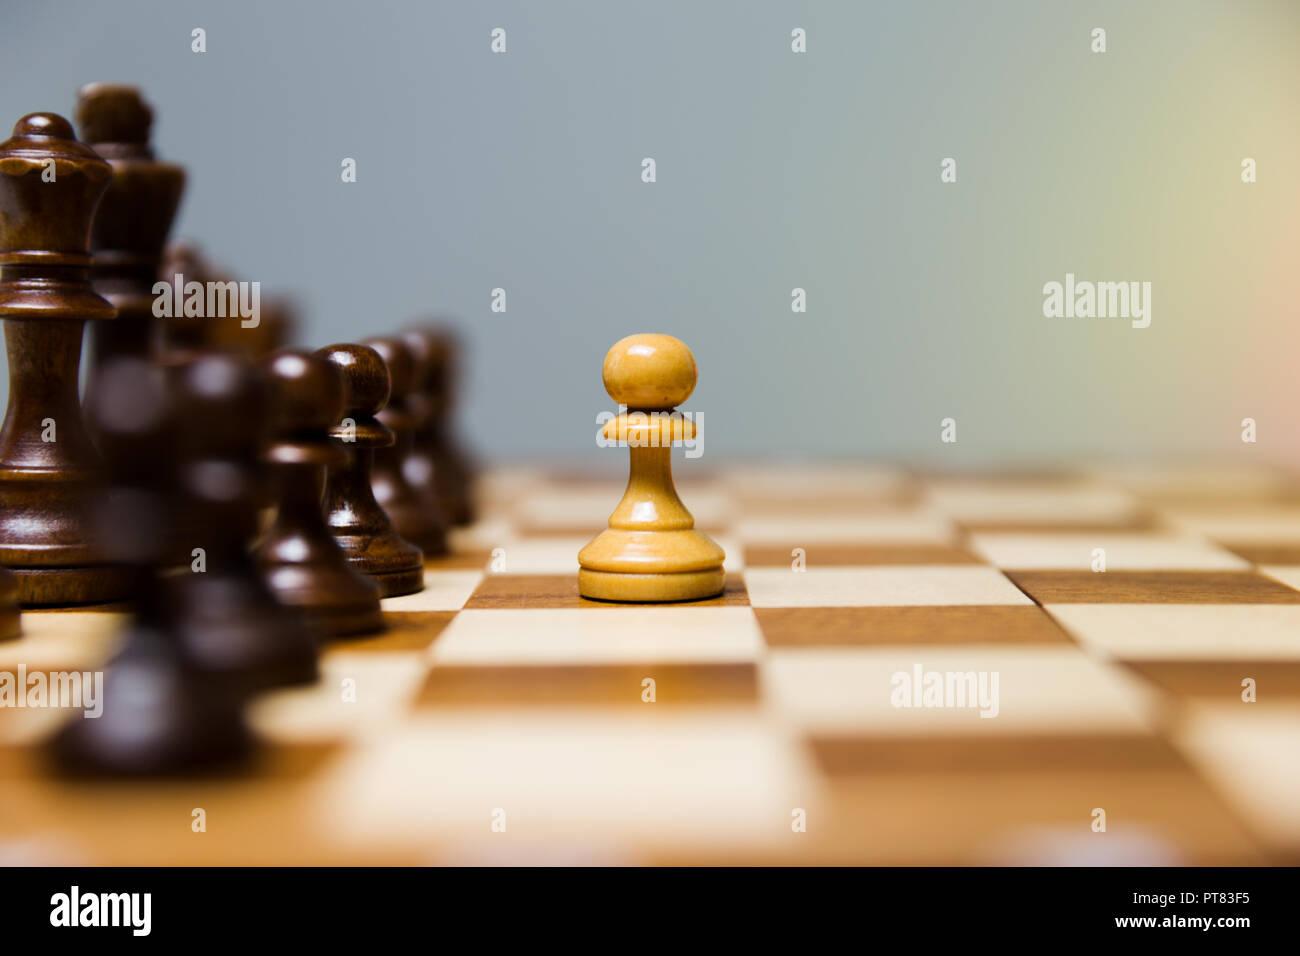 Pedina in piedi nella parte anteriore allineata di Dark Chess figure. Coraggio e concetto di leadership. Immagini Stock